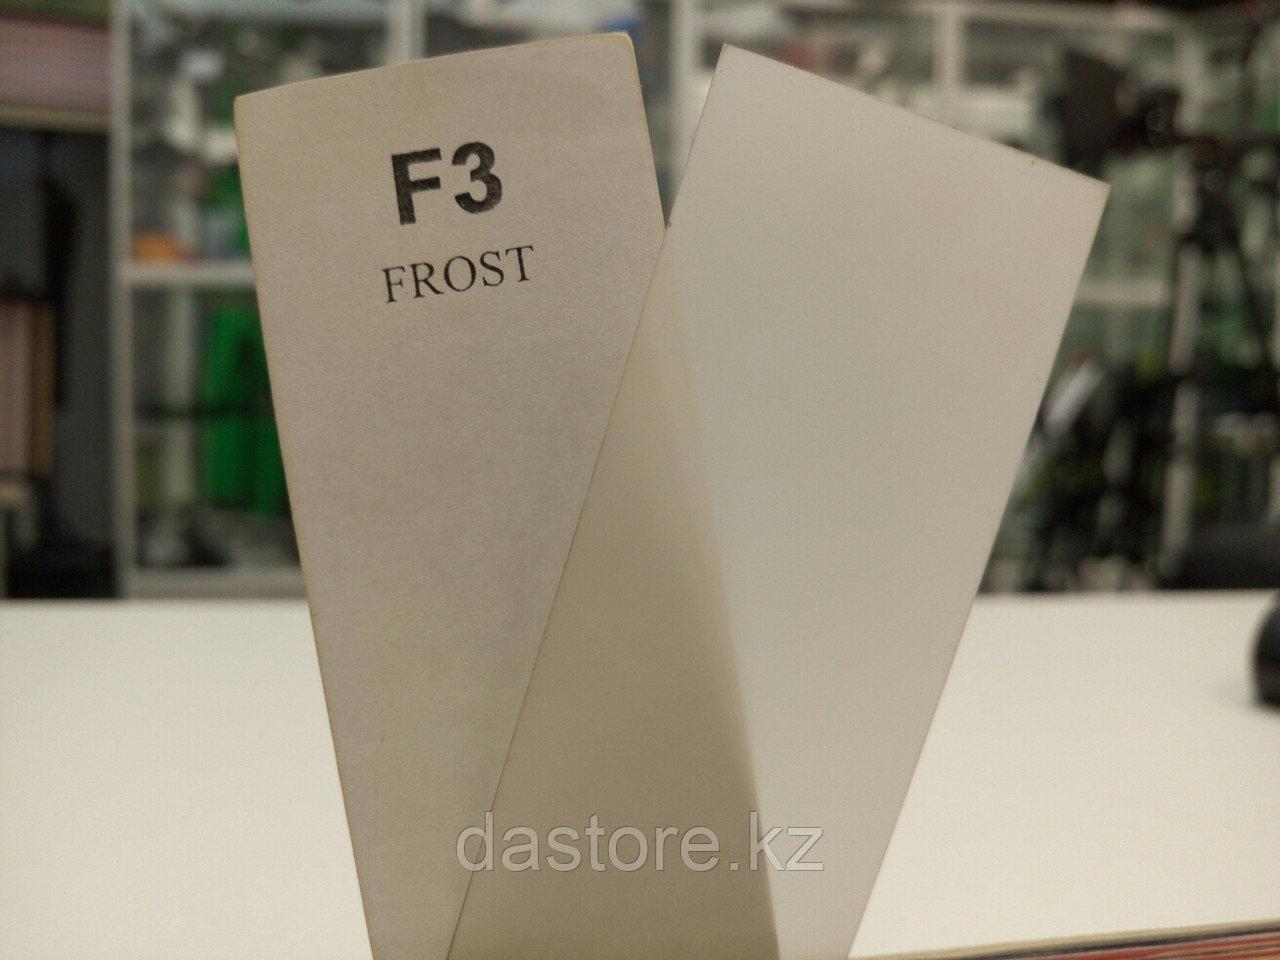 Cotech F3 WHITE DIFFUSION светофильтр для осветительных приборов